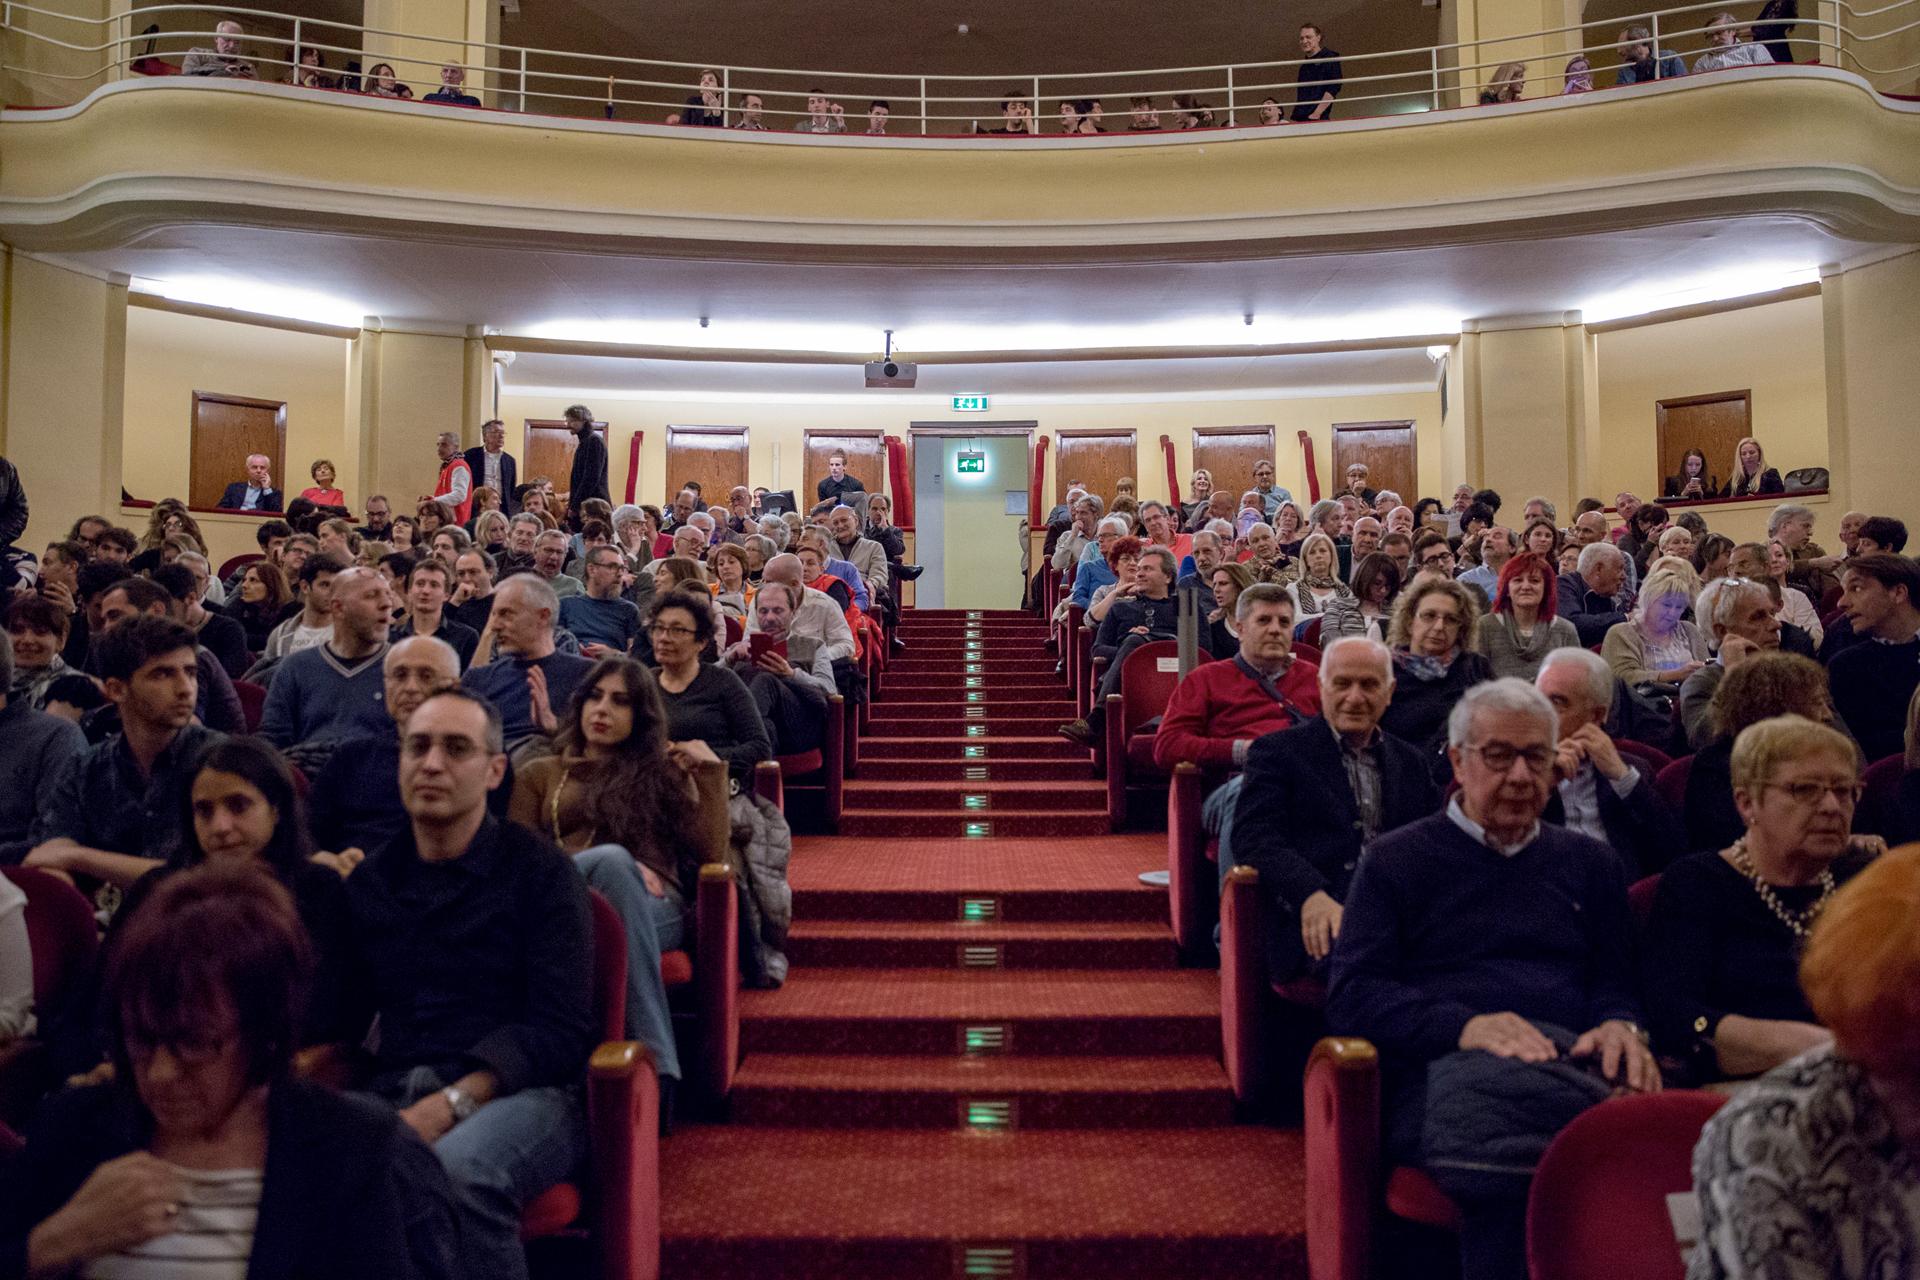 Sanremo_UnoJazz_201228_5D3_3103